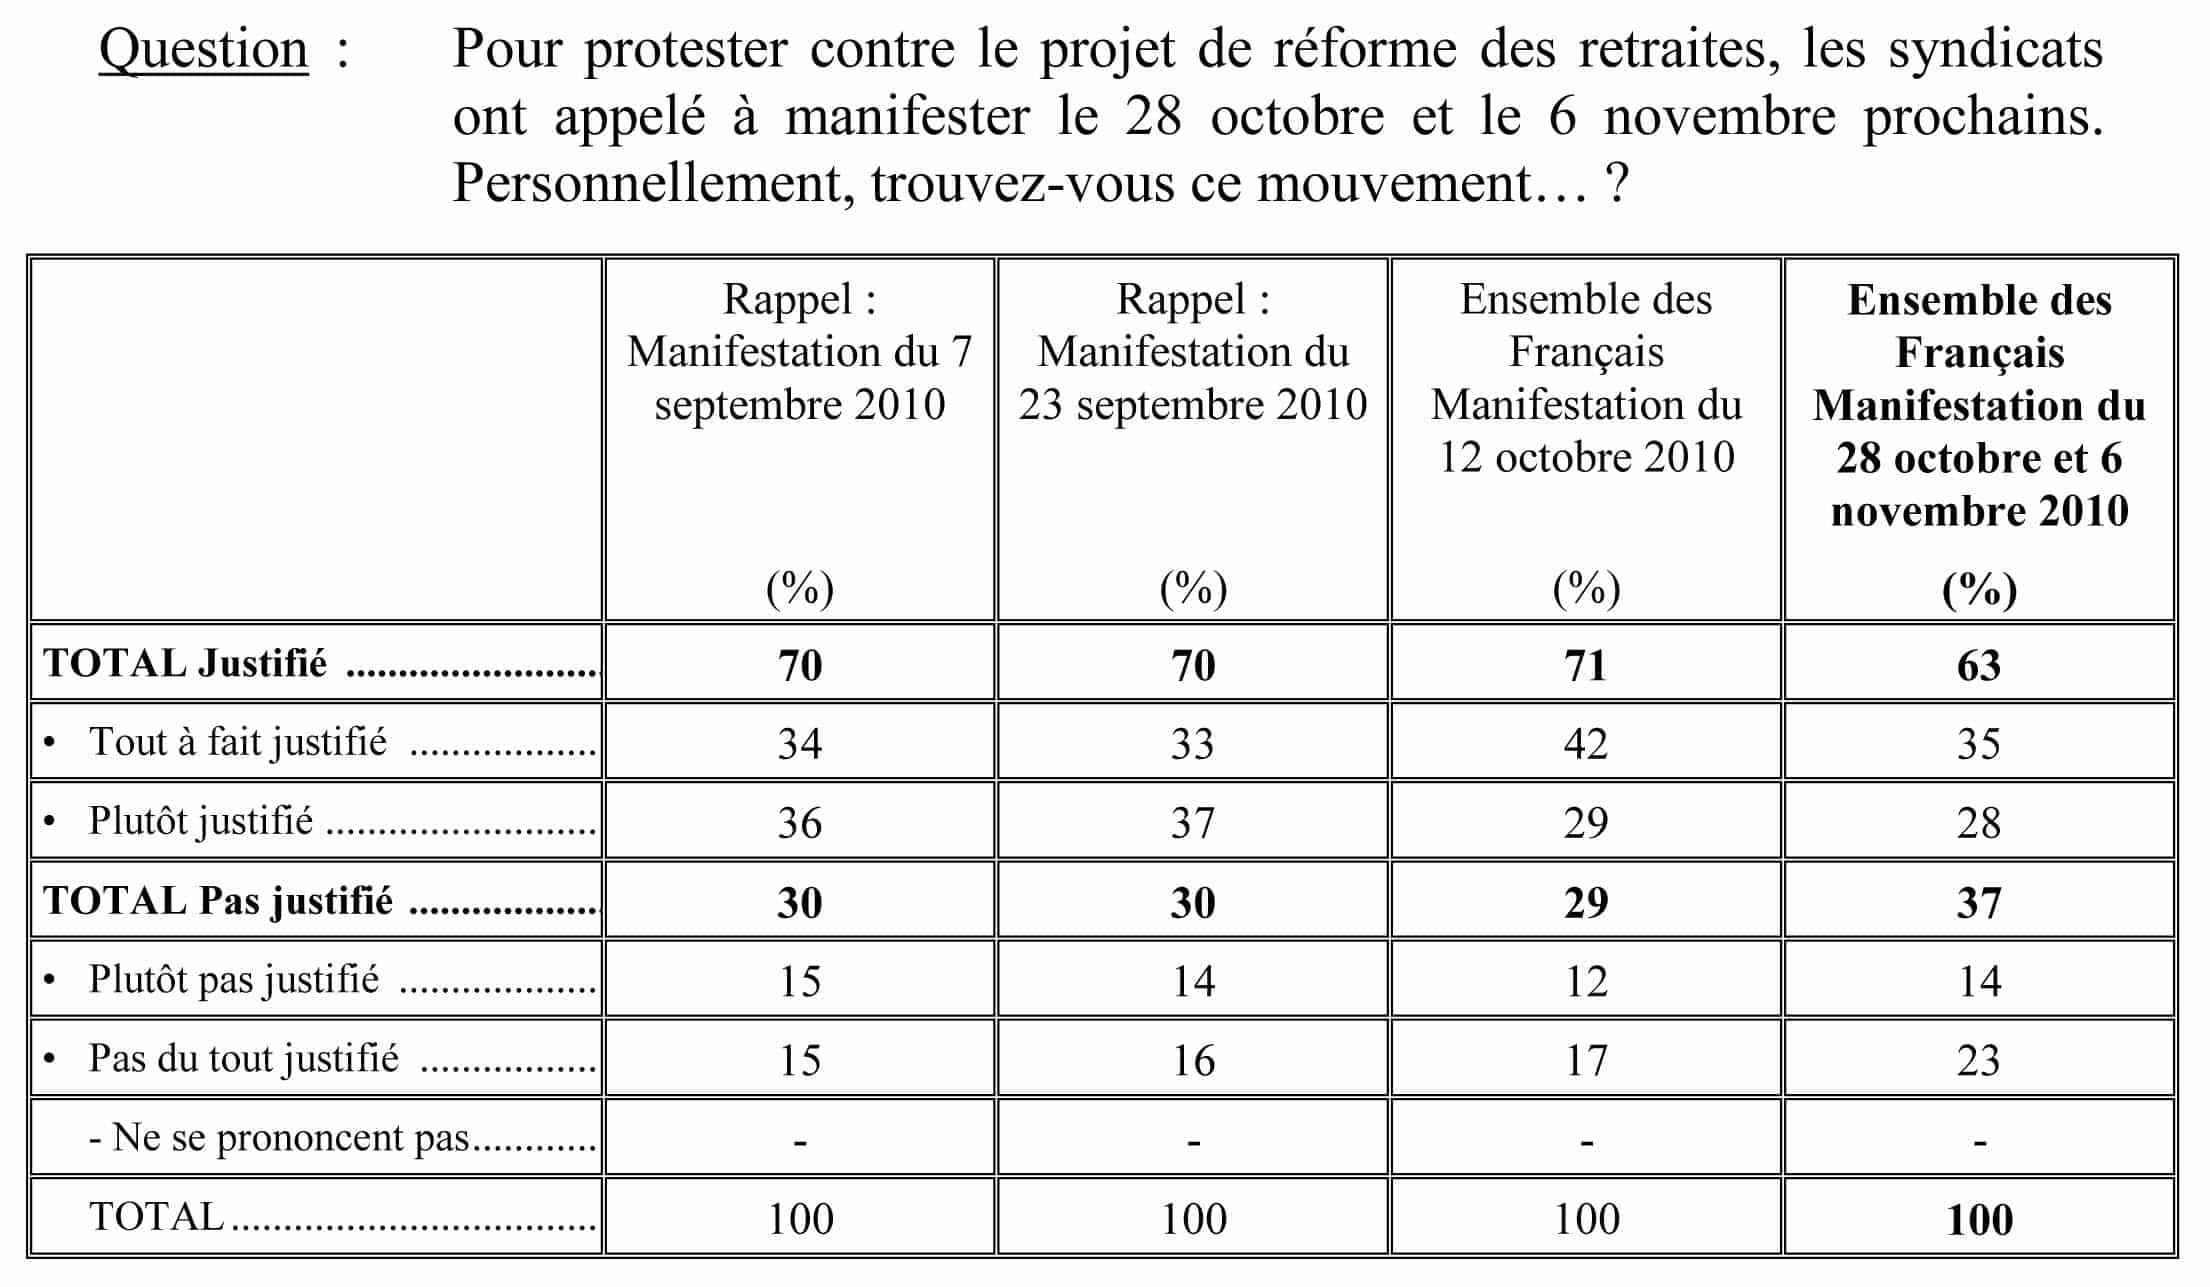 Les Français, la réforme des retraites et le mouvement de protestation: Résultats détaillés